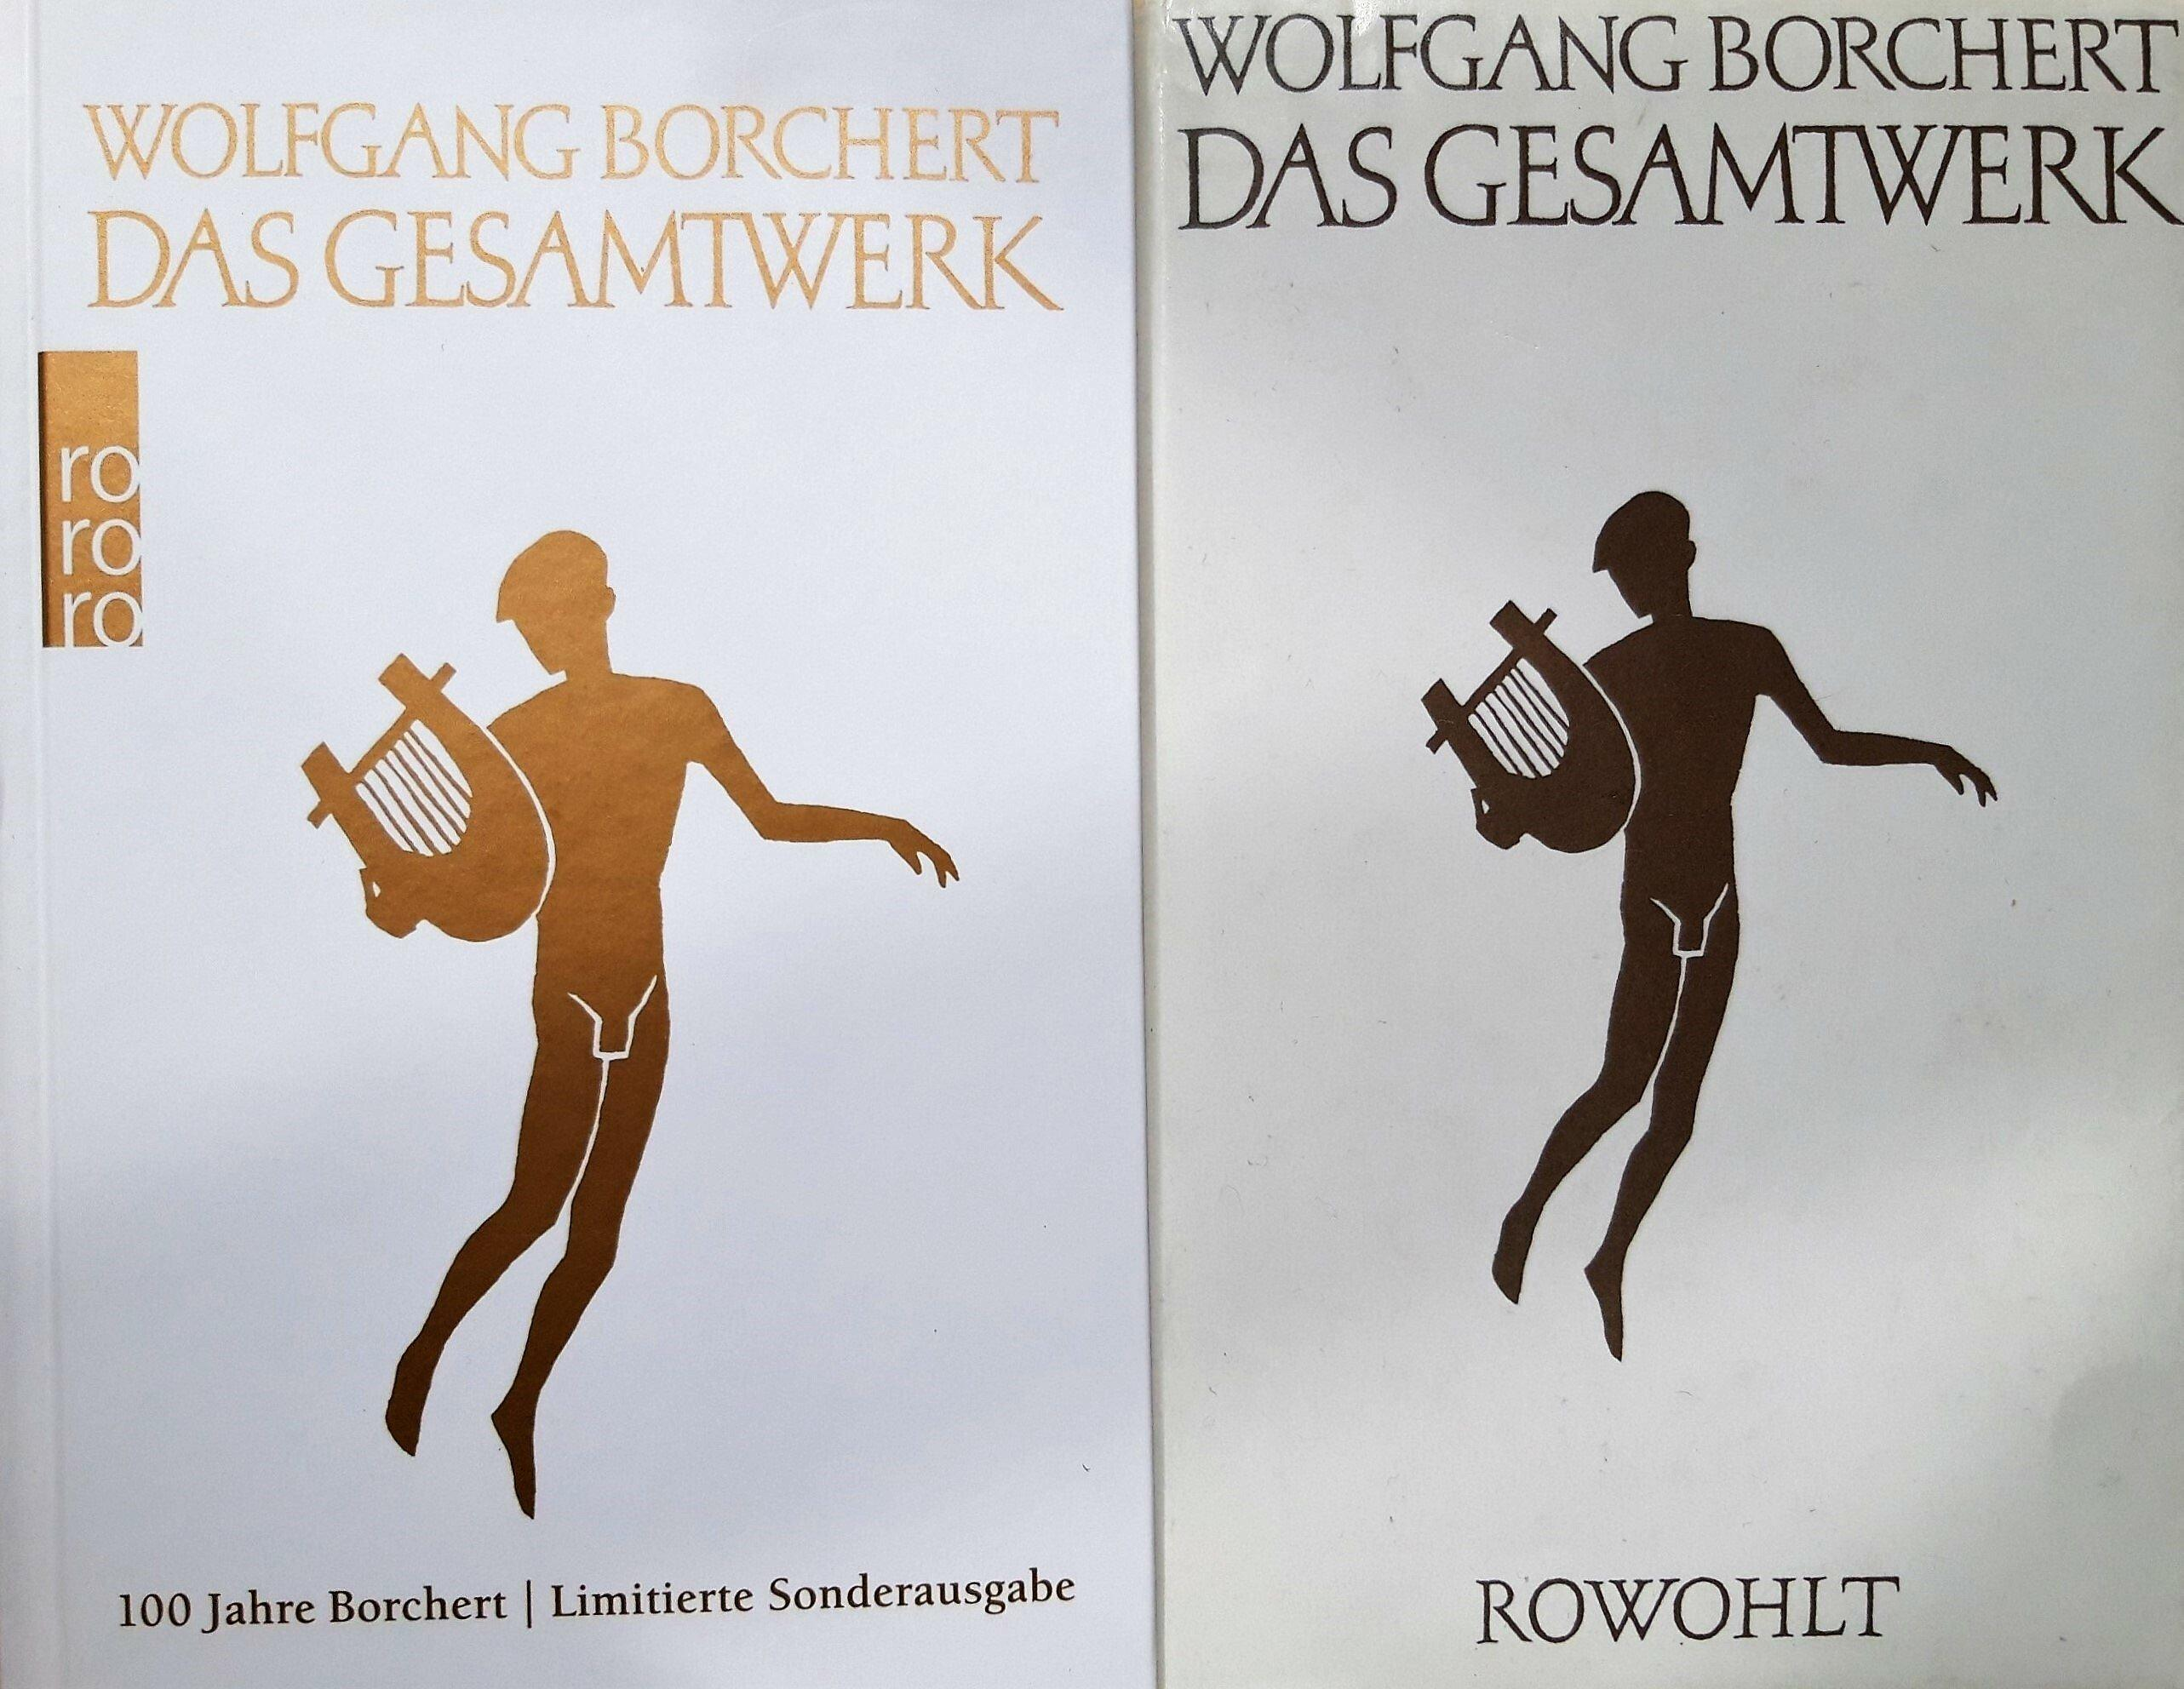 """Coverabbildung mit die Haupttitel """"Wolfgang Borchert: Das Gesamtwerk""""; darunter die Umrisse einer klassizistischen, eine Leier haltenden Künstlerfigur."""